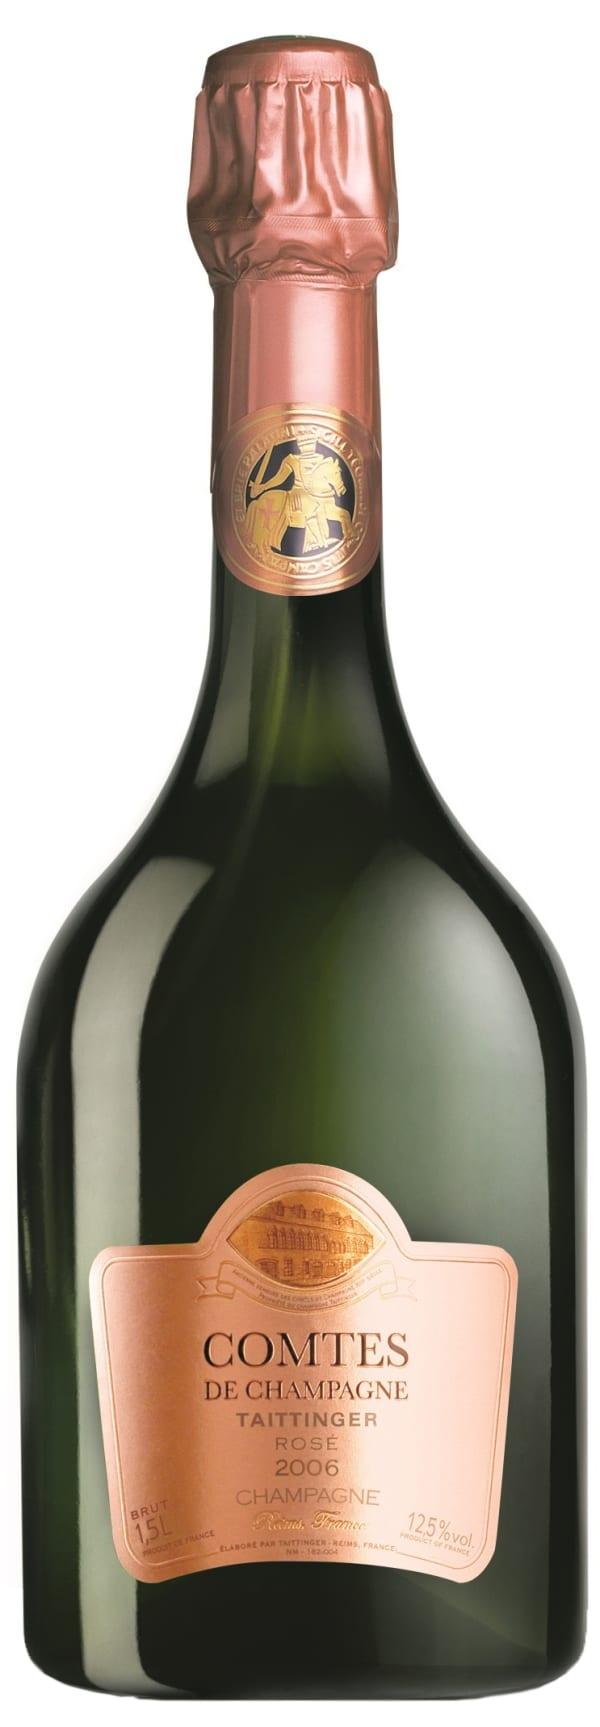 Taittinger Comtes de Champagne Rosé Brut 2006